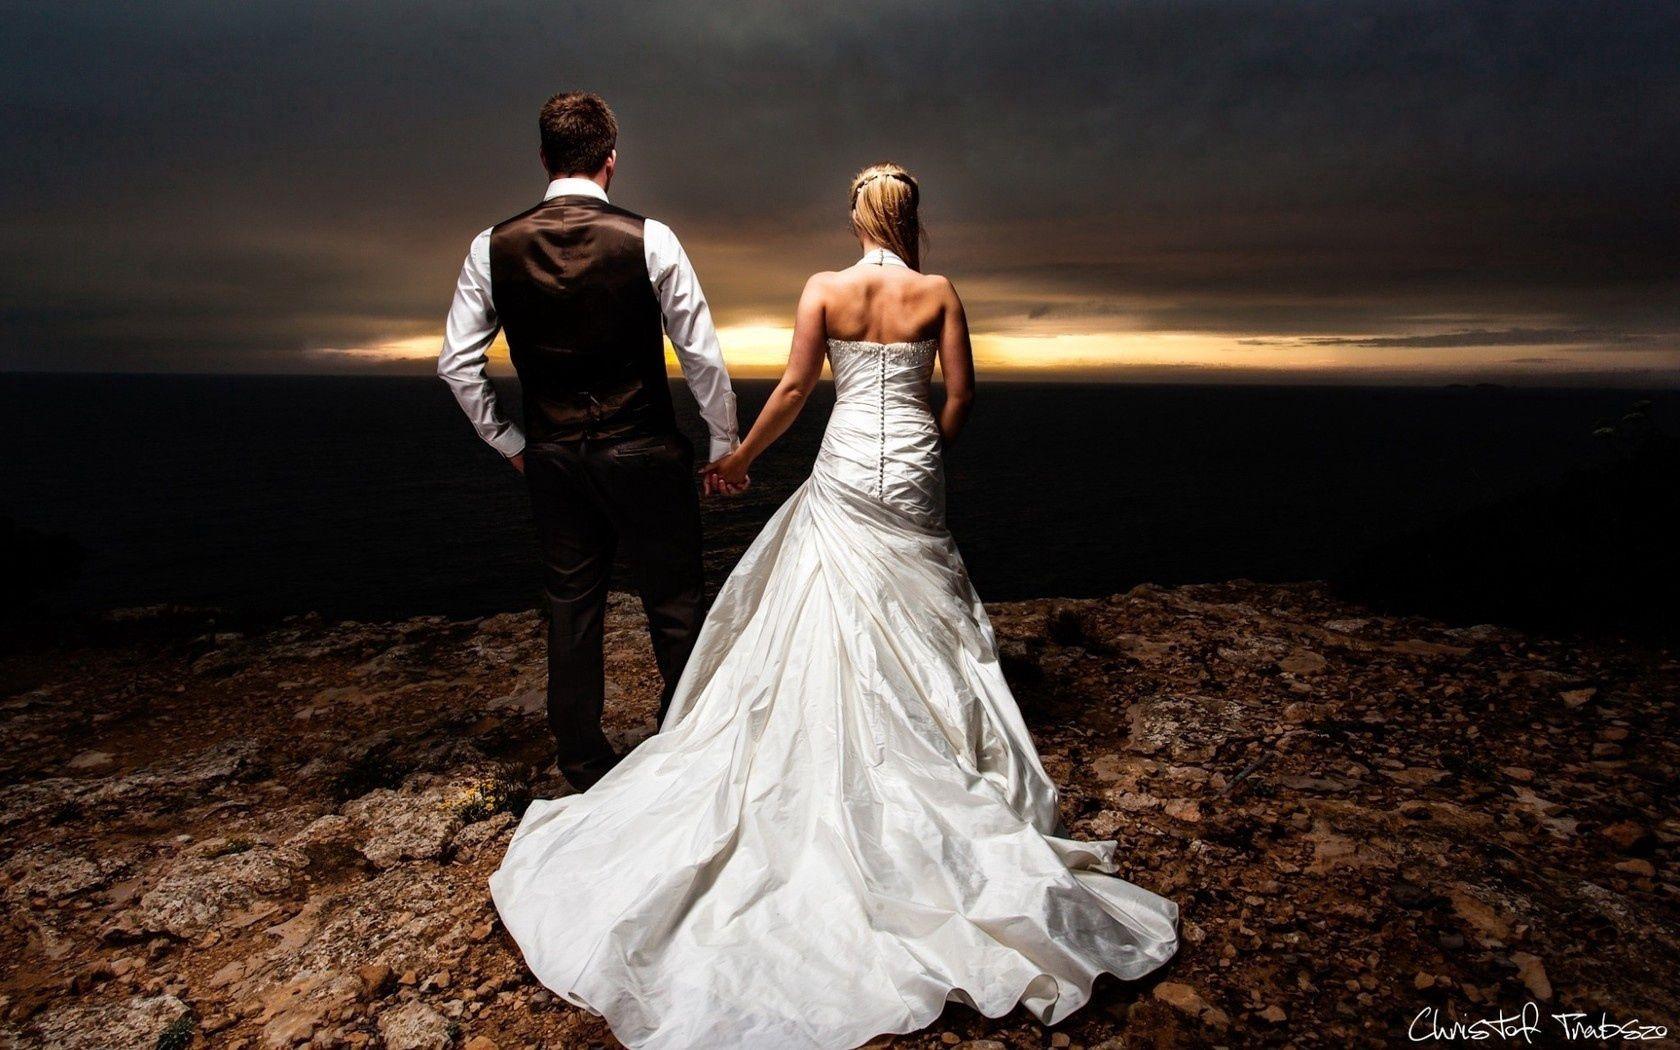 104910 скачать обои Свадьба, Праздники, Любовь, Пара, Настроение, Чувства - заставки и картинки бесплатно